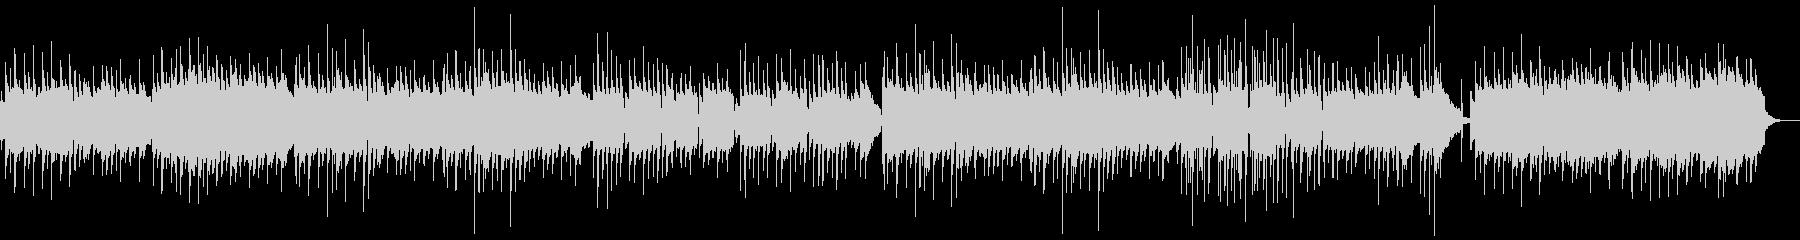 津軽三味線・ギターの生演奏癒し系バラードの未再生の波形